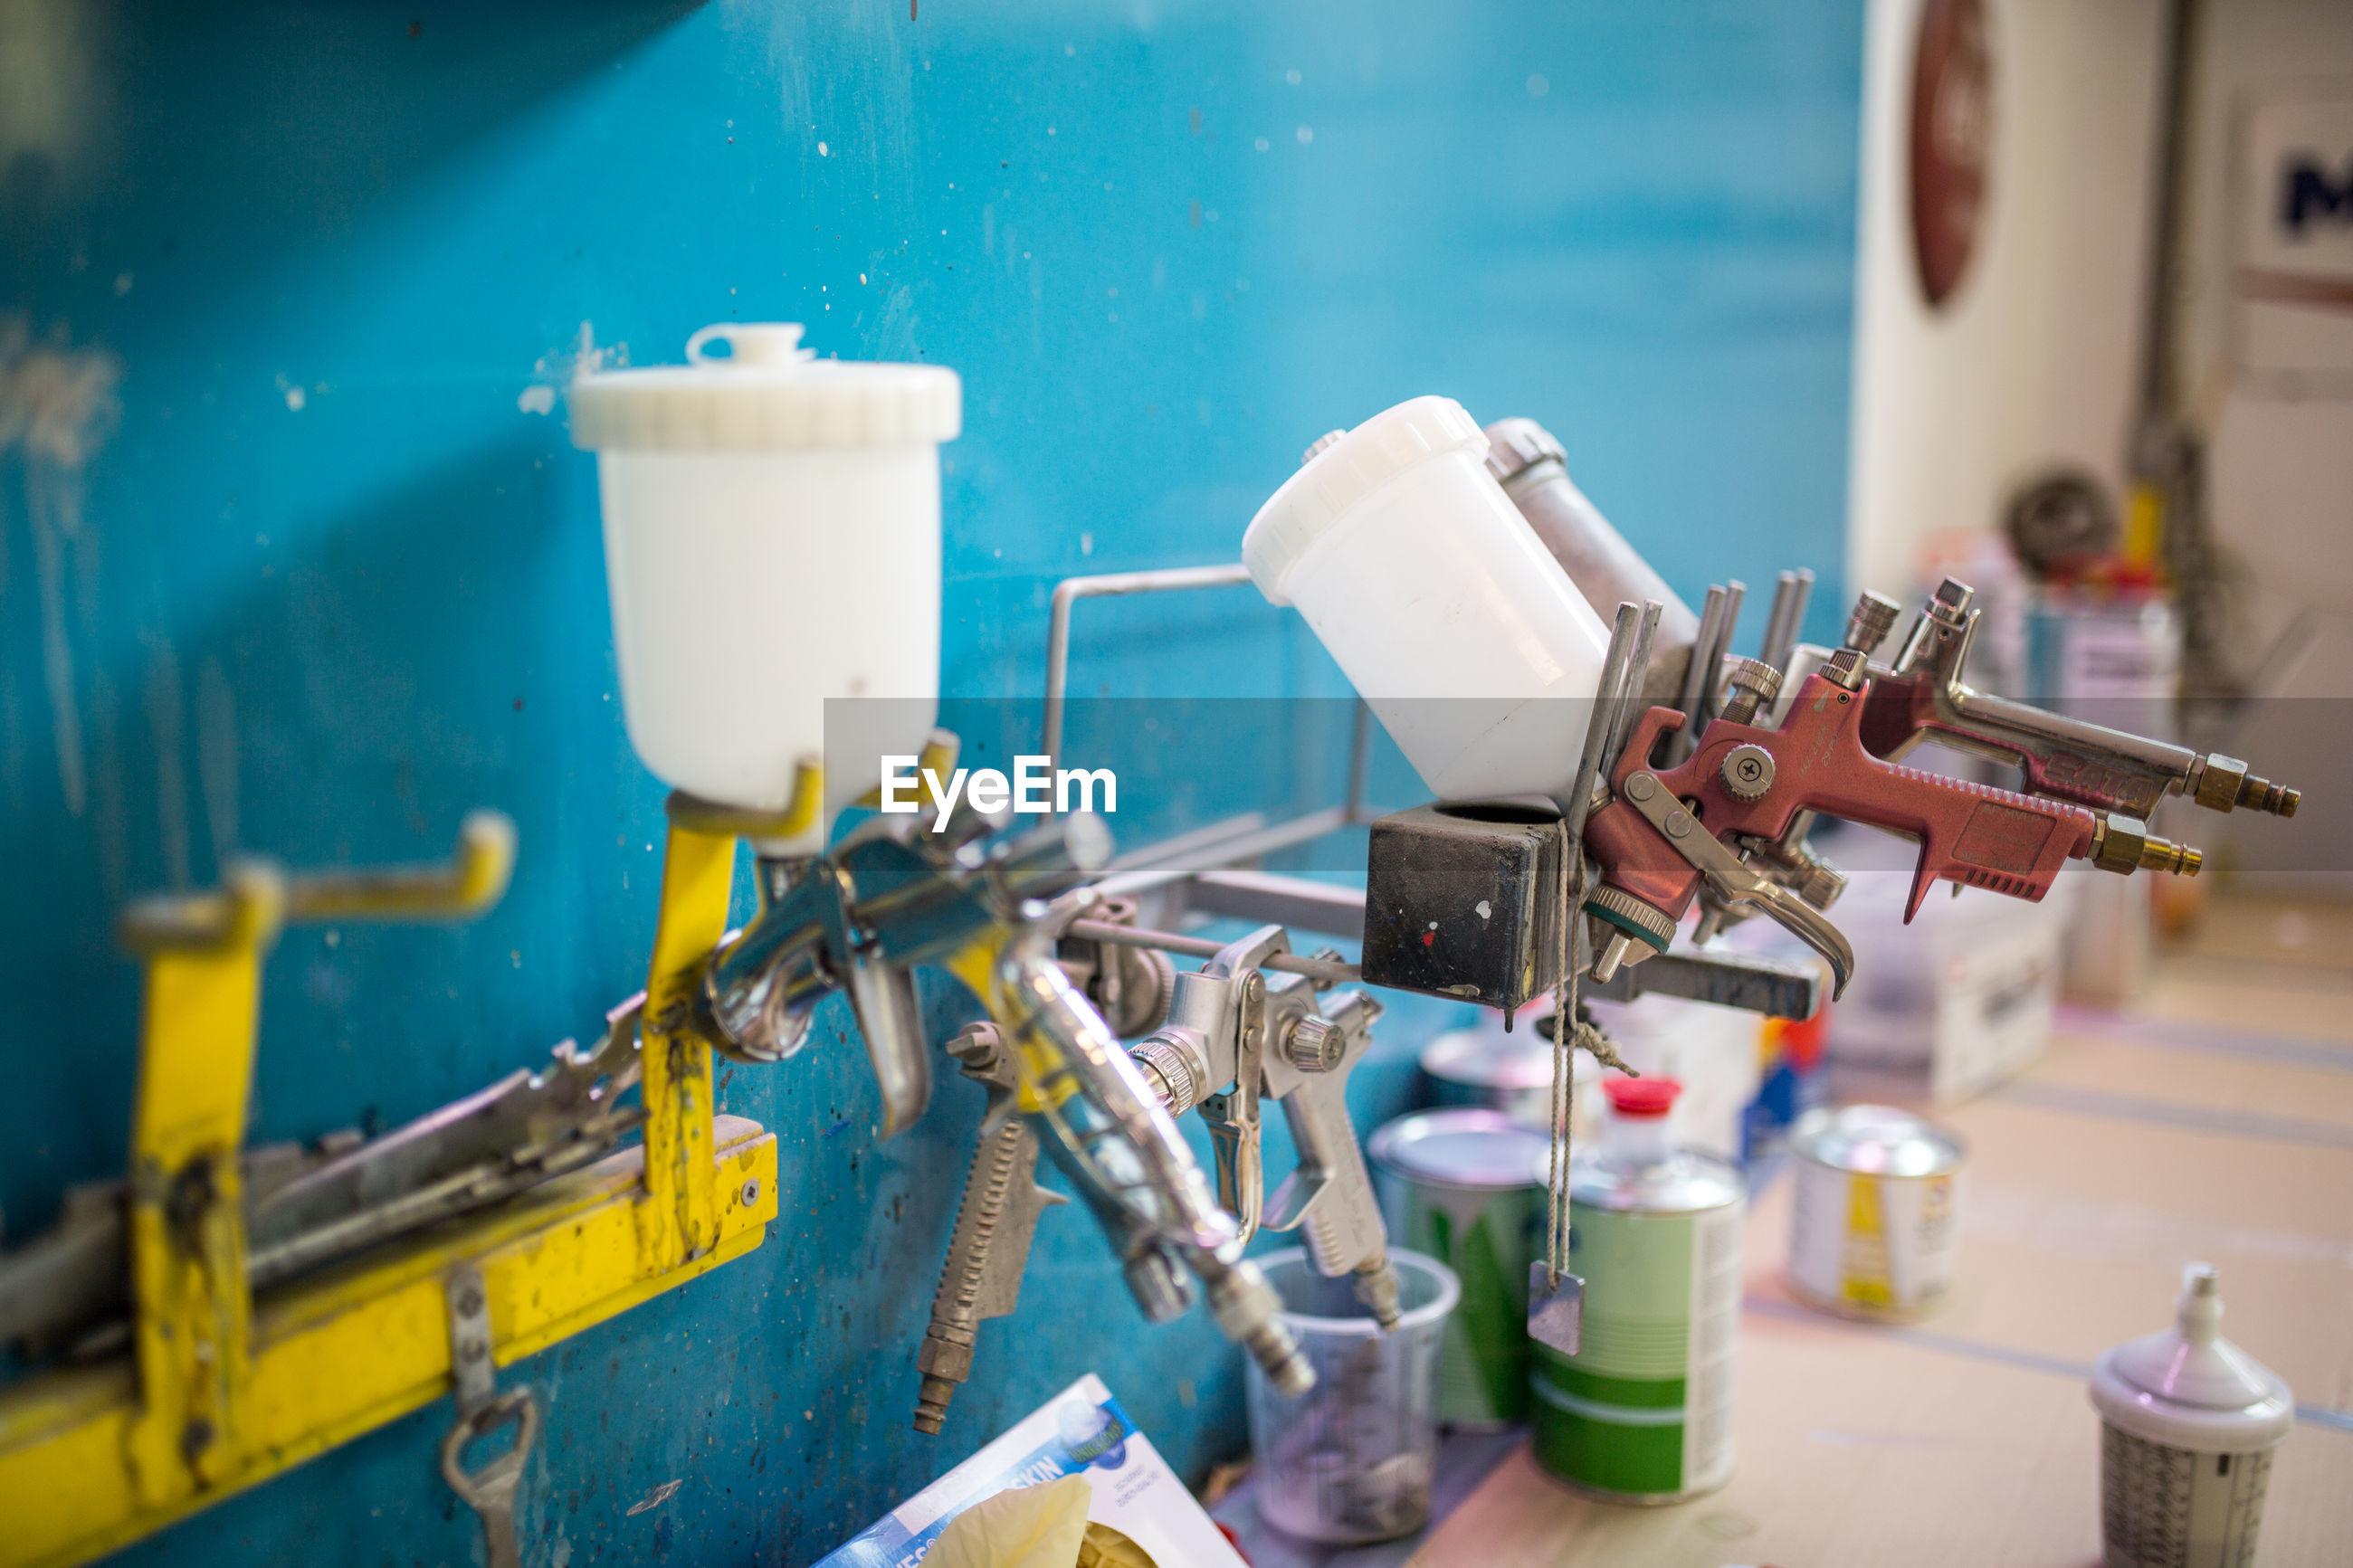 Paint spray guns at workshop